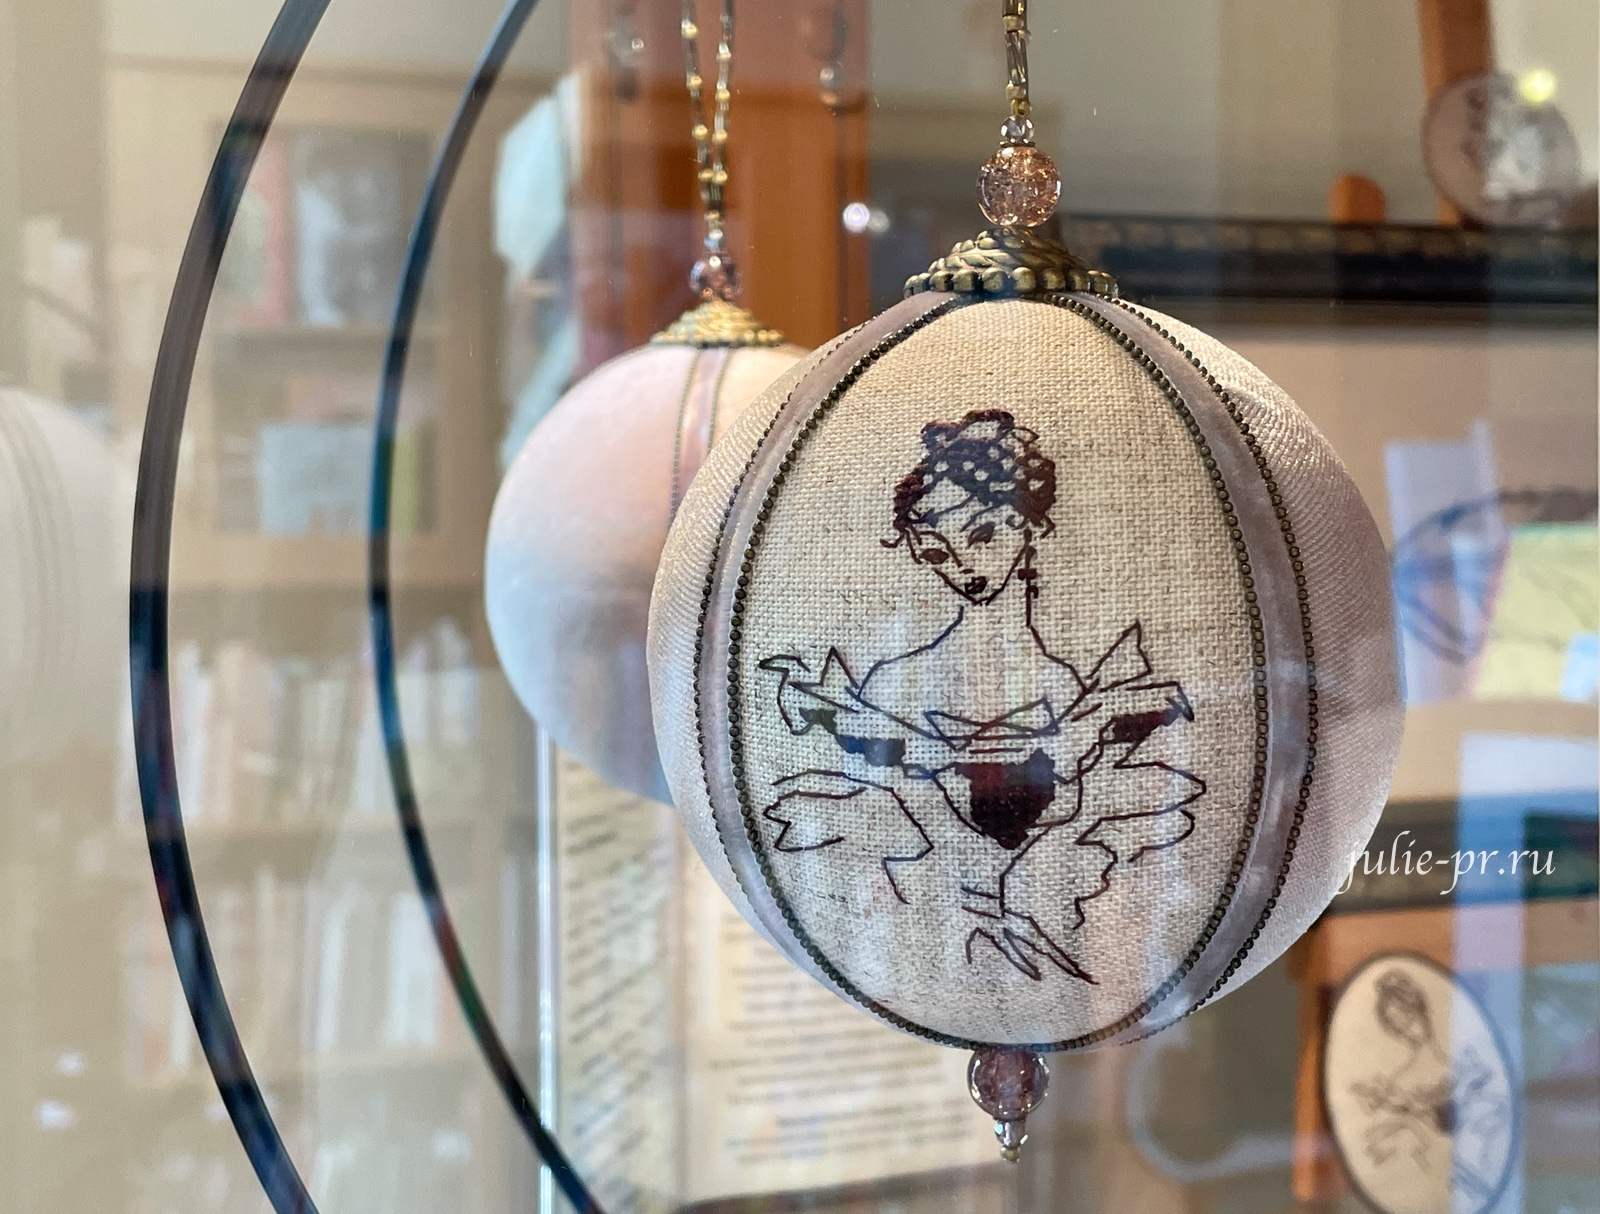 вышитые елочные шары, вышивка крестом, Пушкин, выставка Нам Пушкинских стихов звучал ноктюрн, Наталья Гончарова